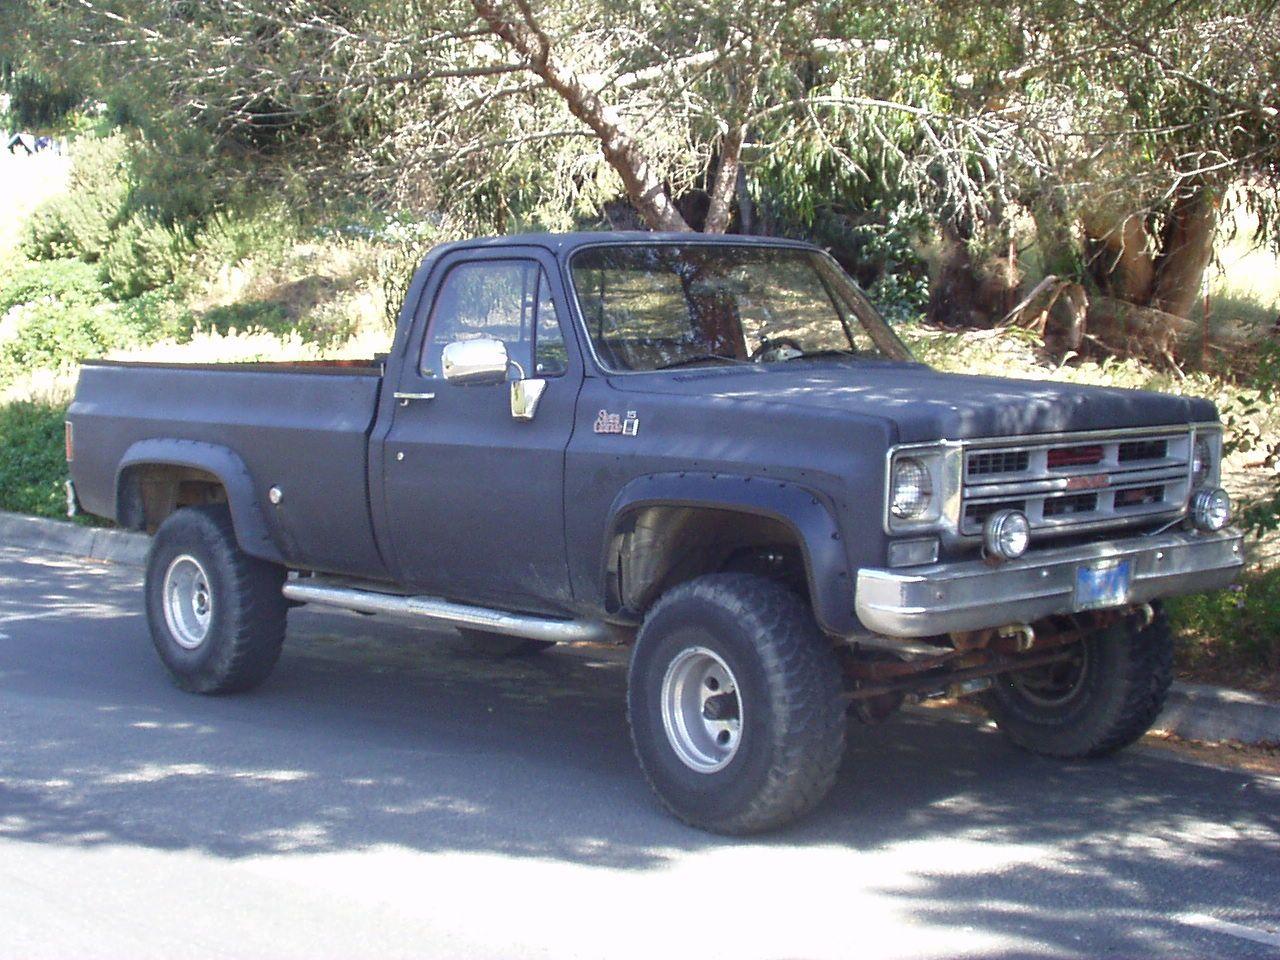 1975 gmc 4x4 pickup 1977 gmc 1500 4x4 4x4 truckslifted truckschevy